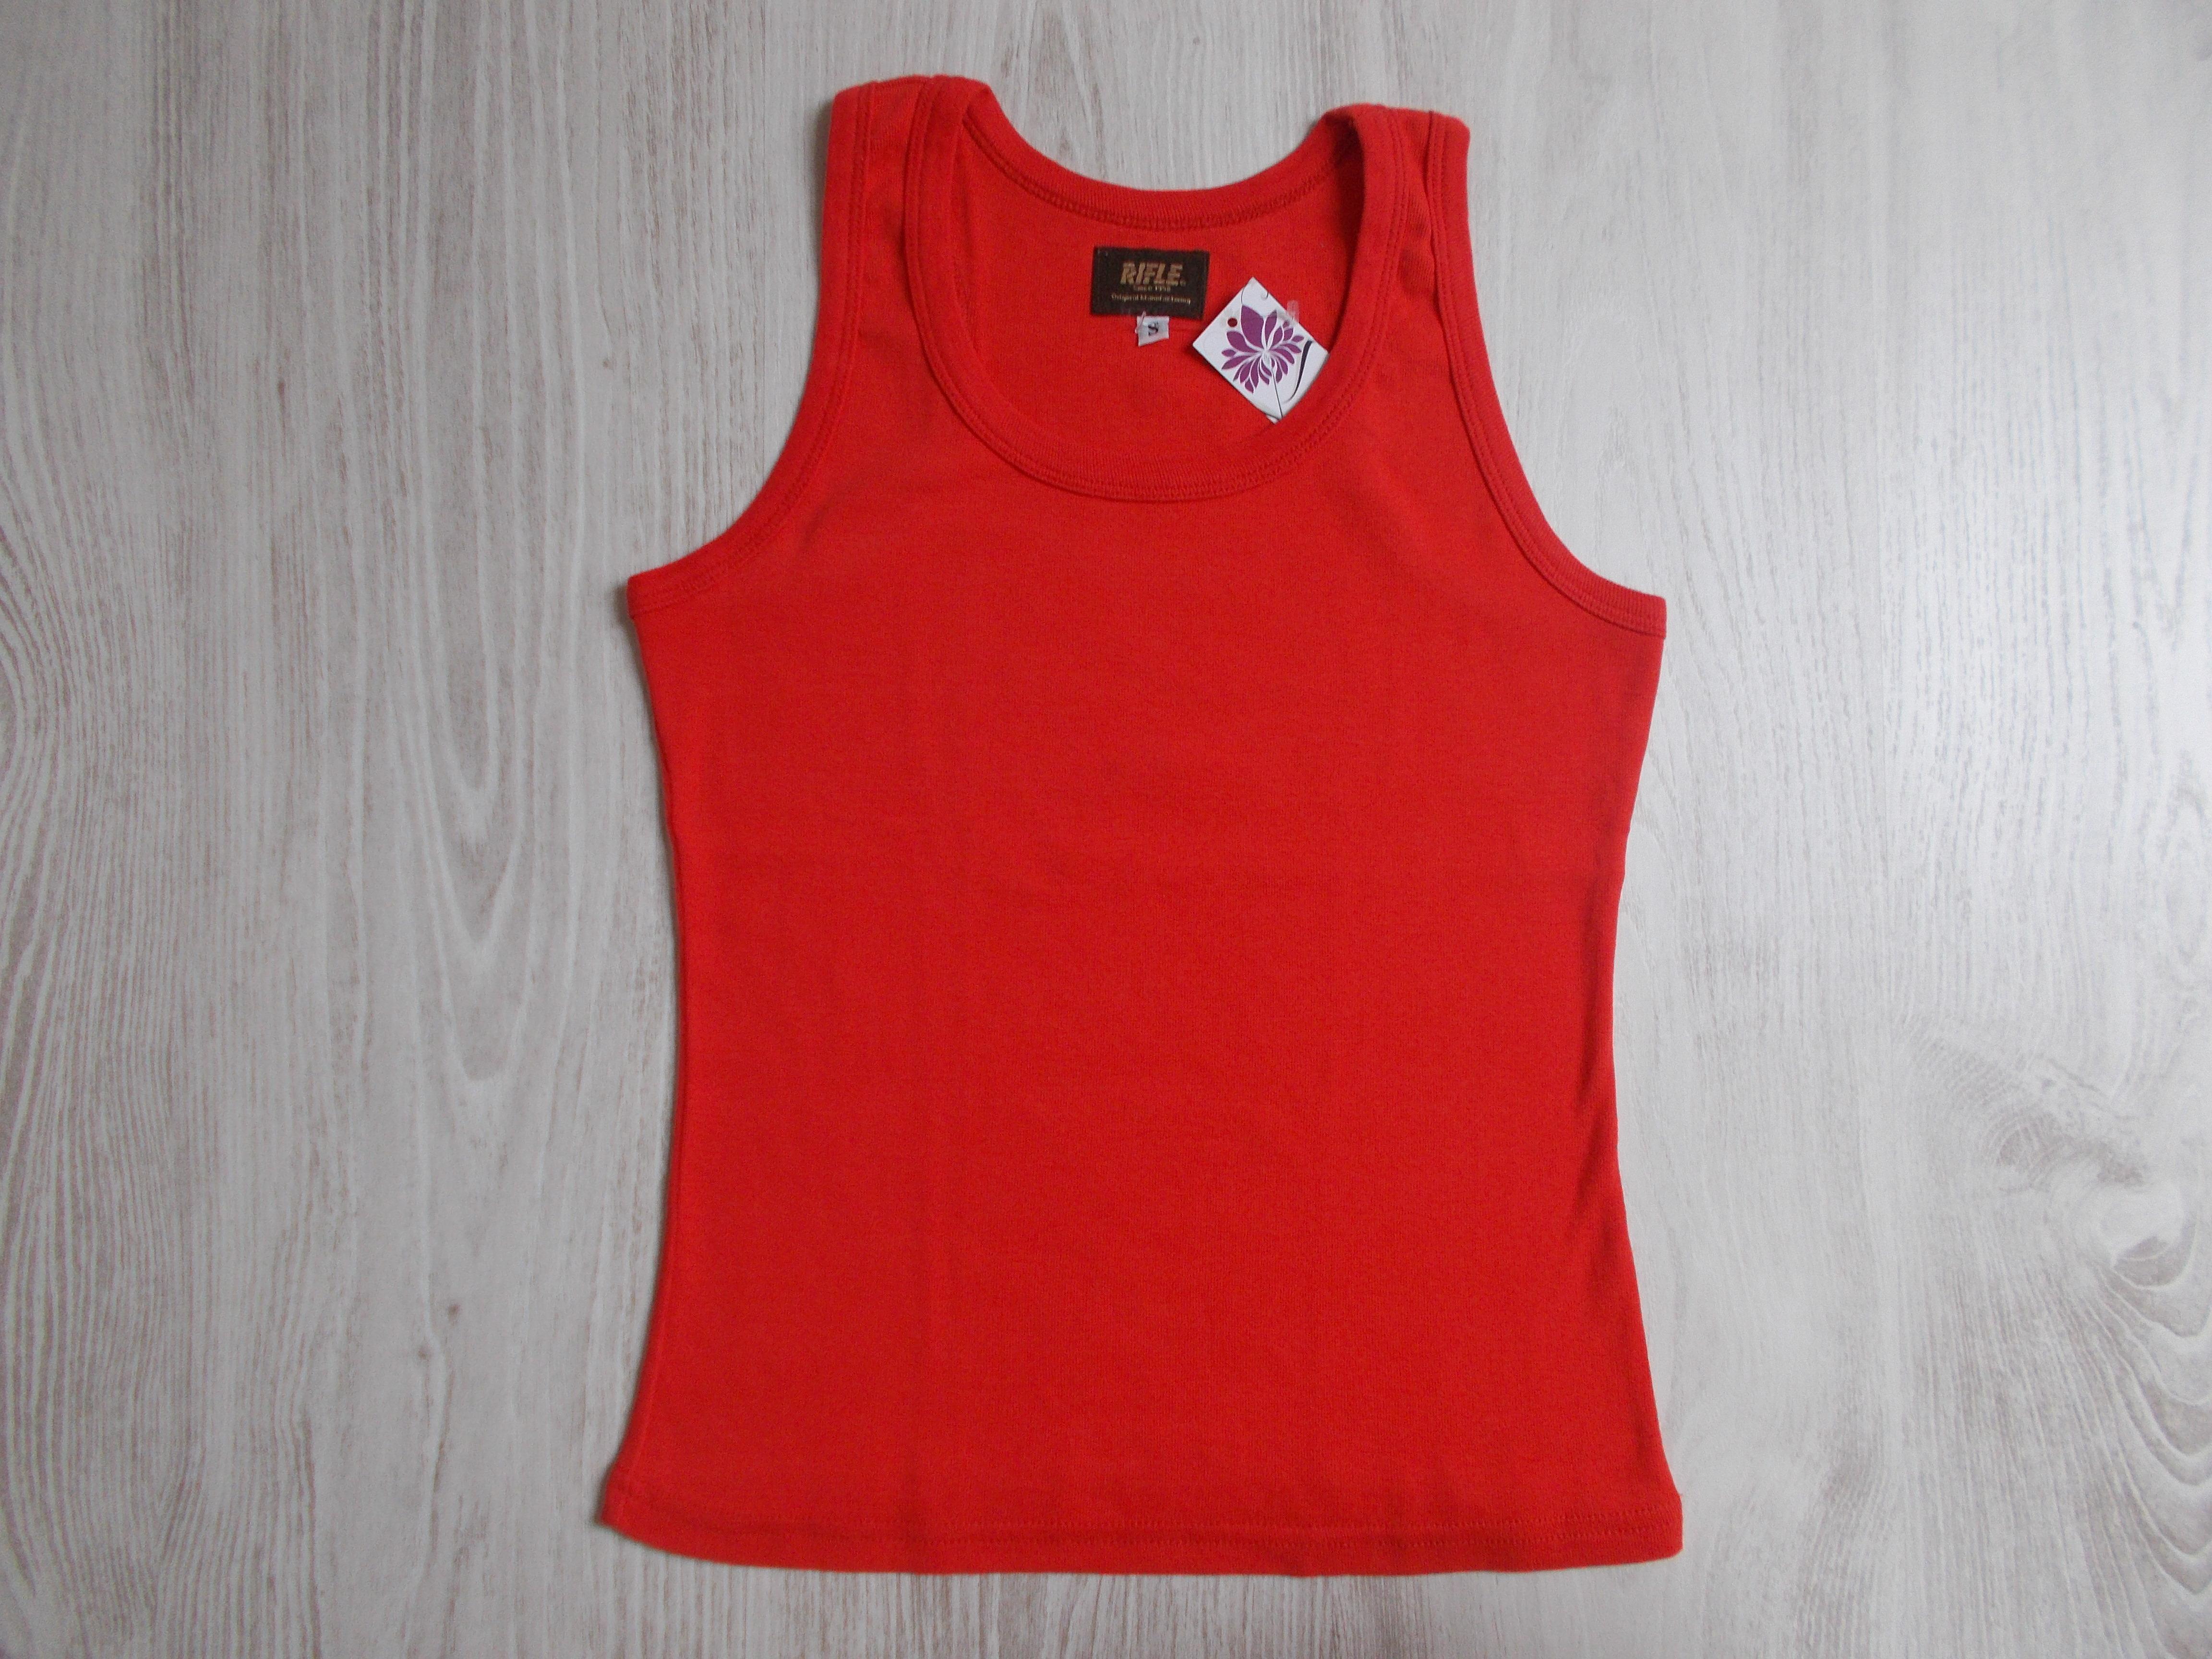 Piros trikó  158-164 (13-14 év)   Lány ruhák     Lótusz Gyerekruha ... f8f312fdc0